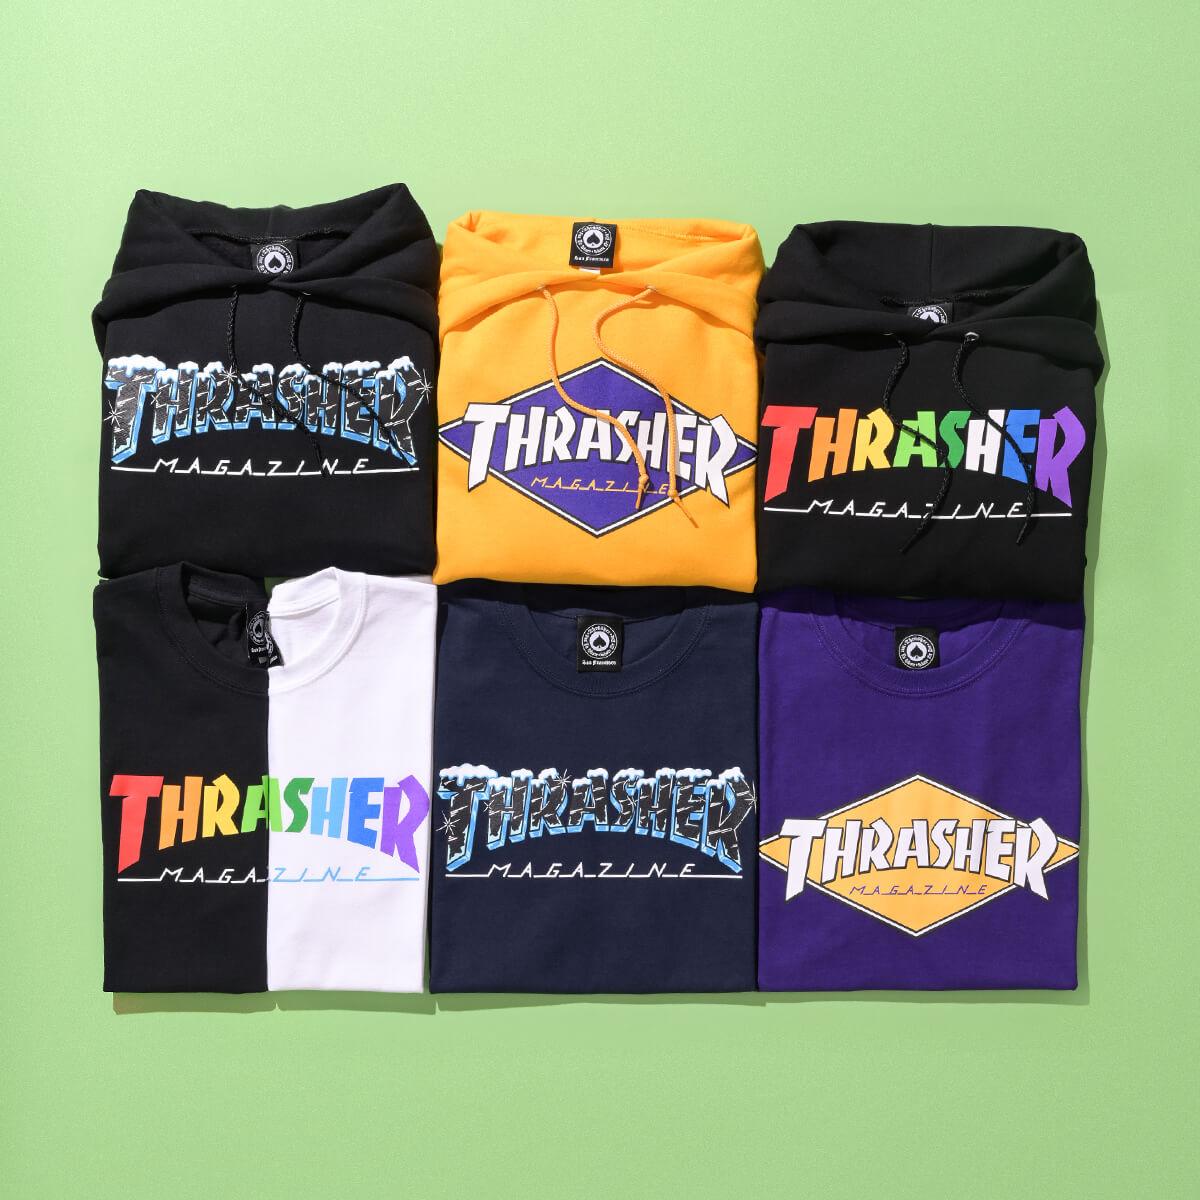 SHOP NEW THRASHER